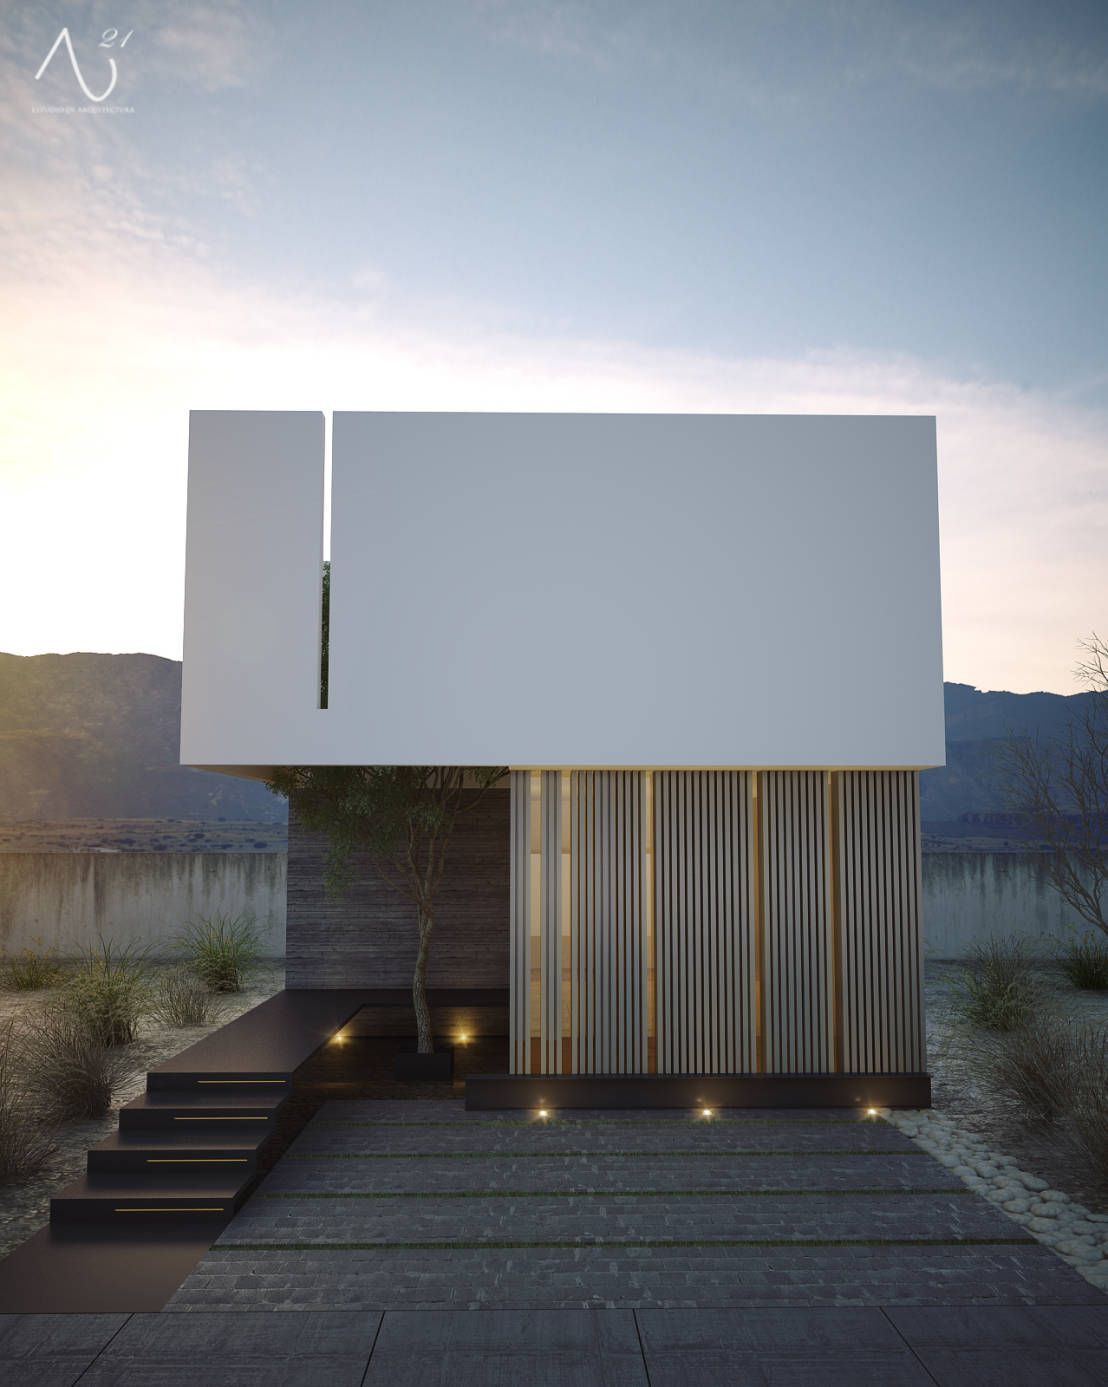 Comprar o construir, ¿que conviene más? | Arquitetura, Casa ...